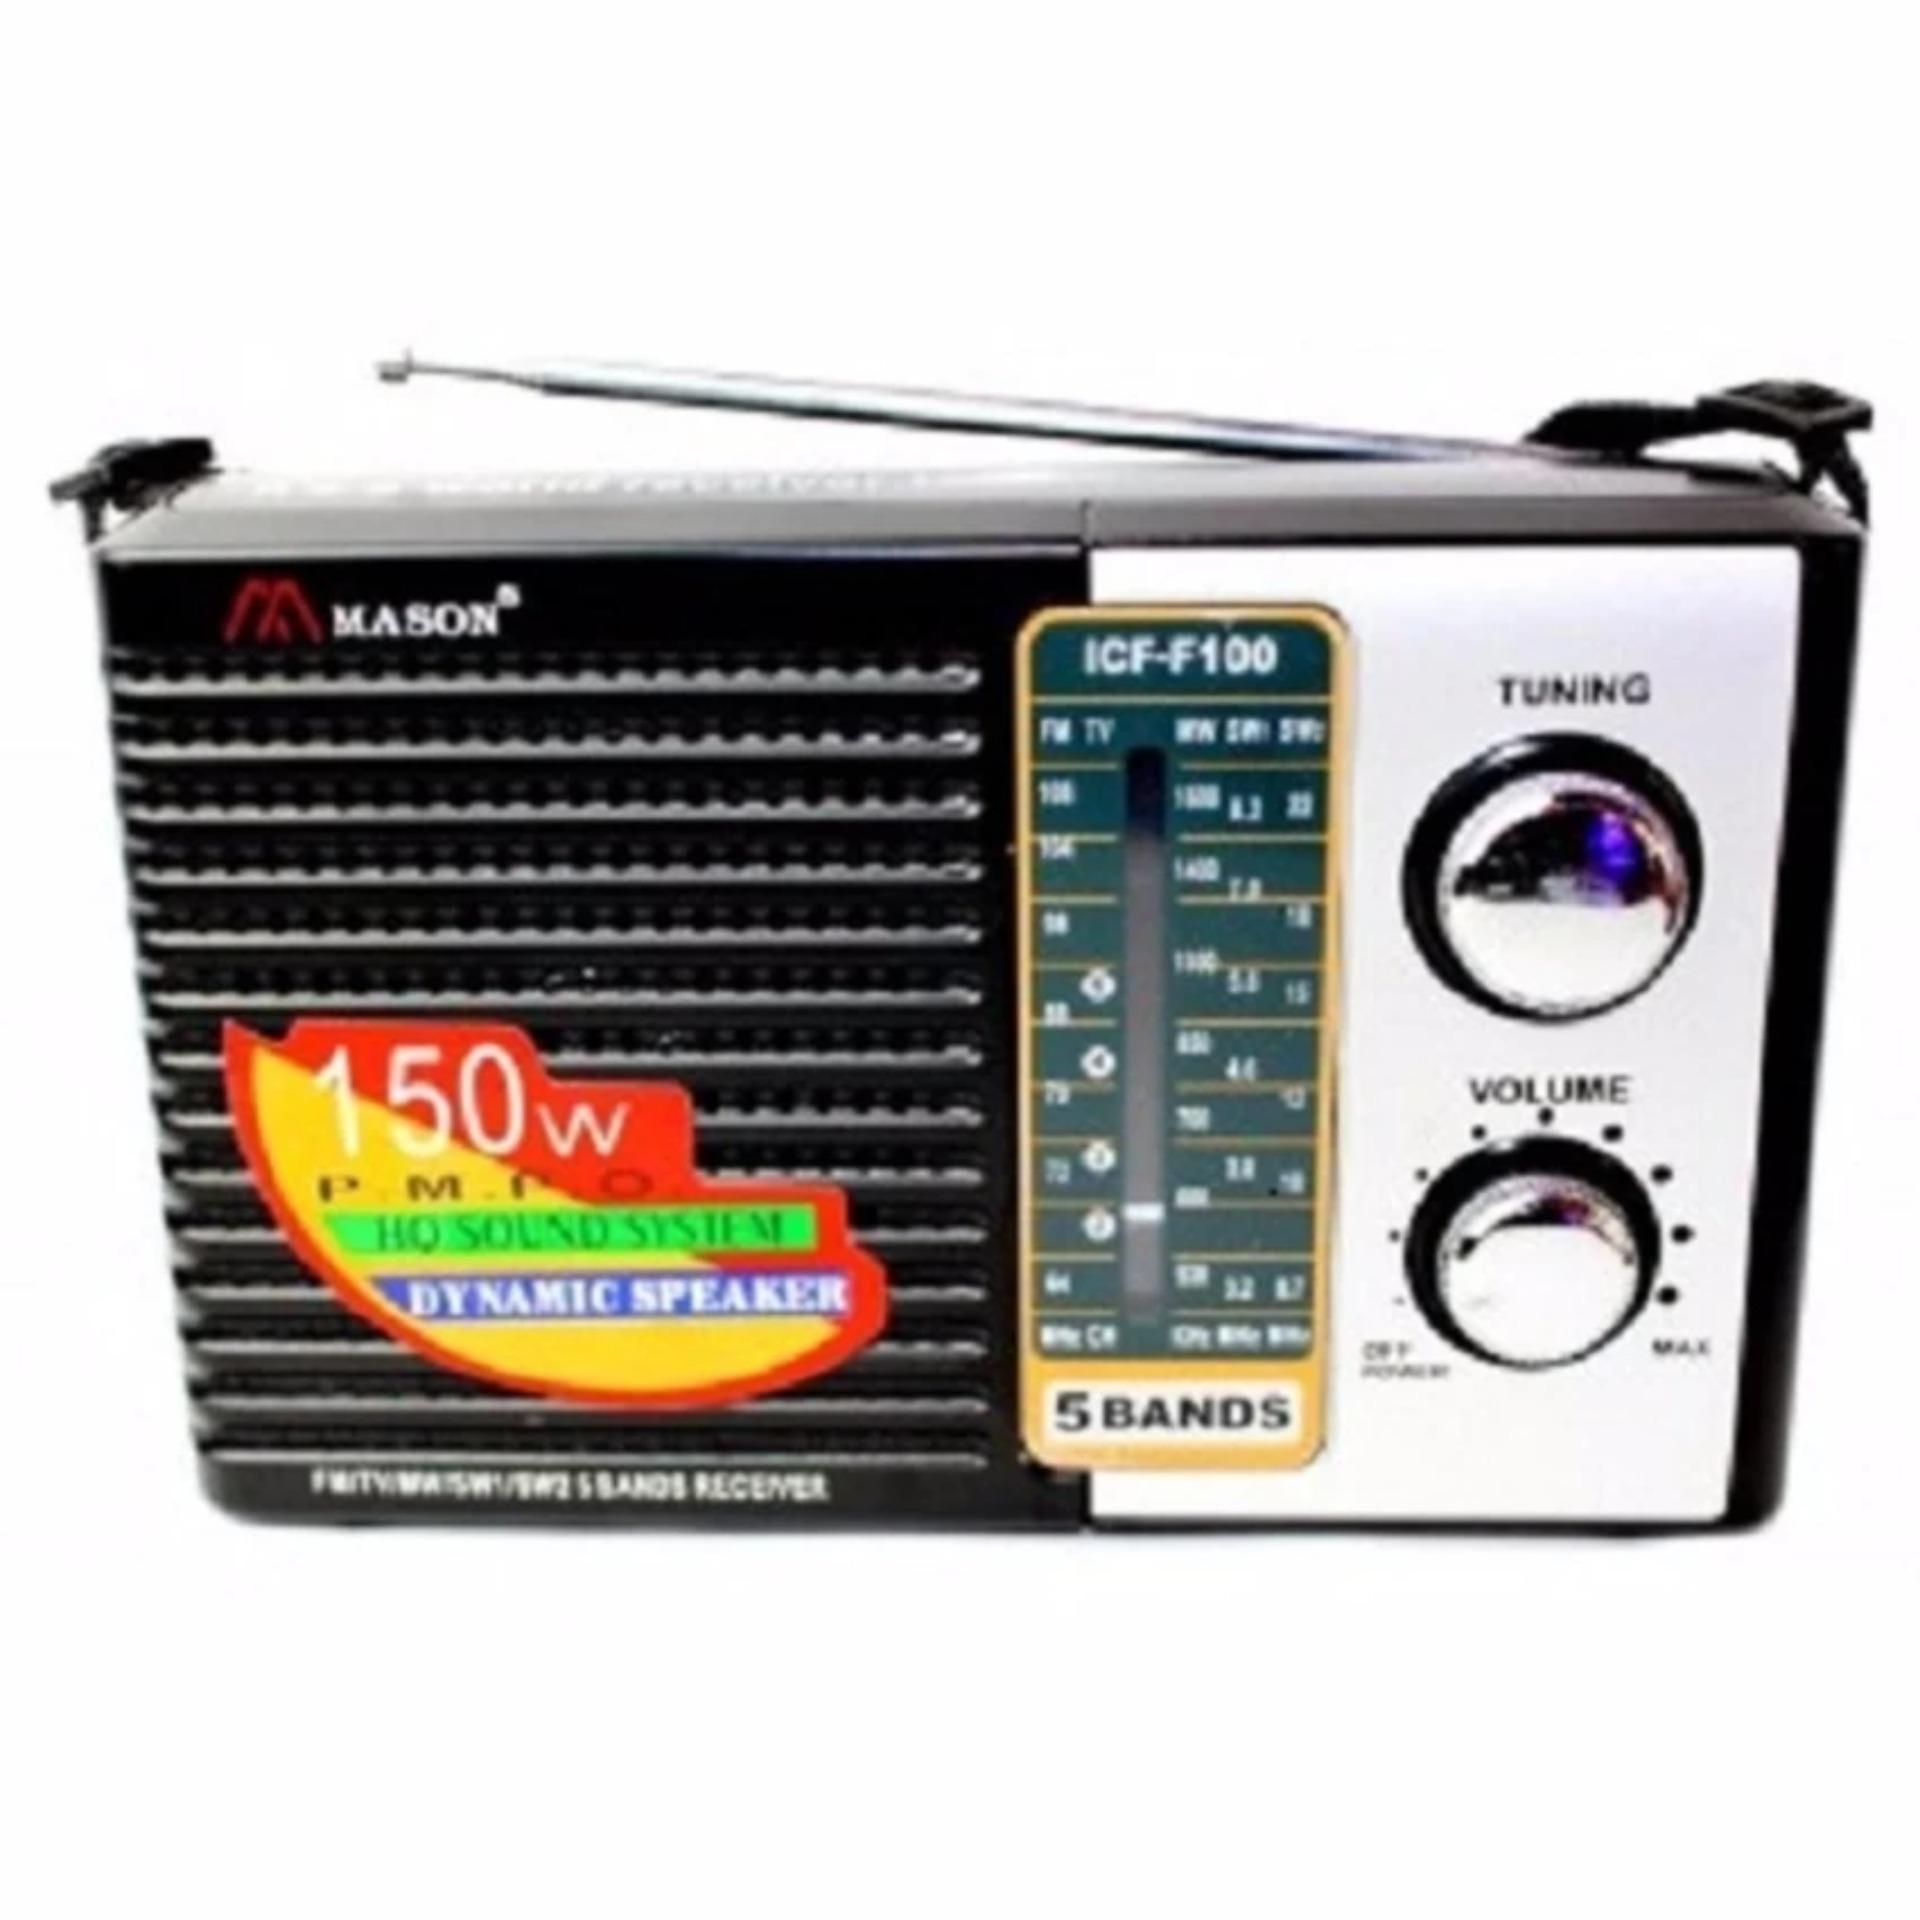 Máy radio chuyên dụng Mason ICF-F100 (Benry) (Đen)